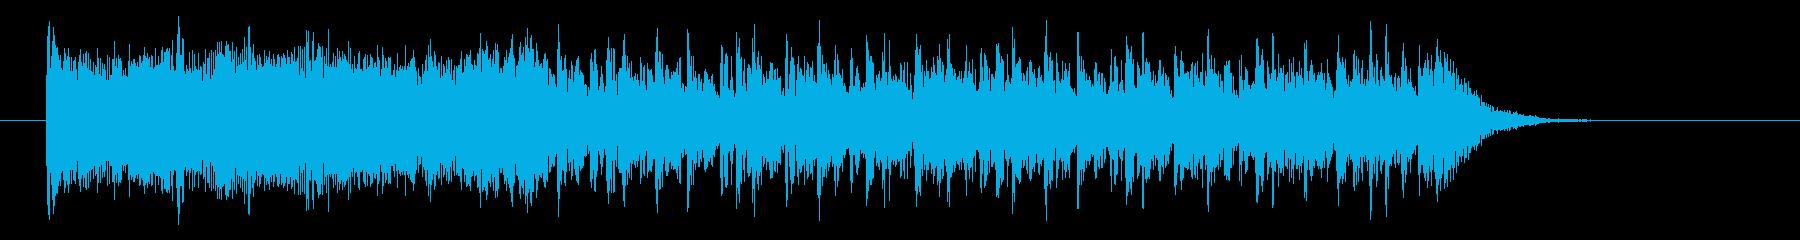 疾走感のあるデジタル系サウンドの再生済みの波形